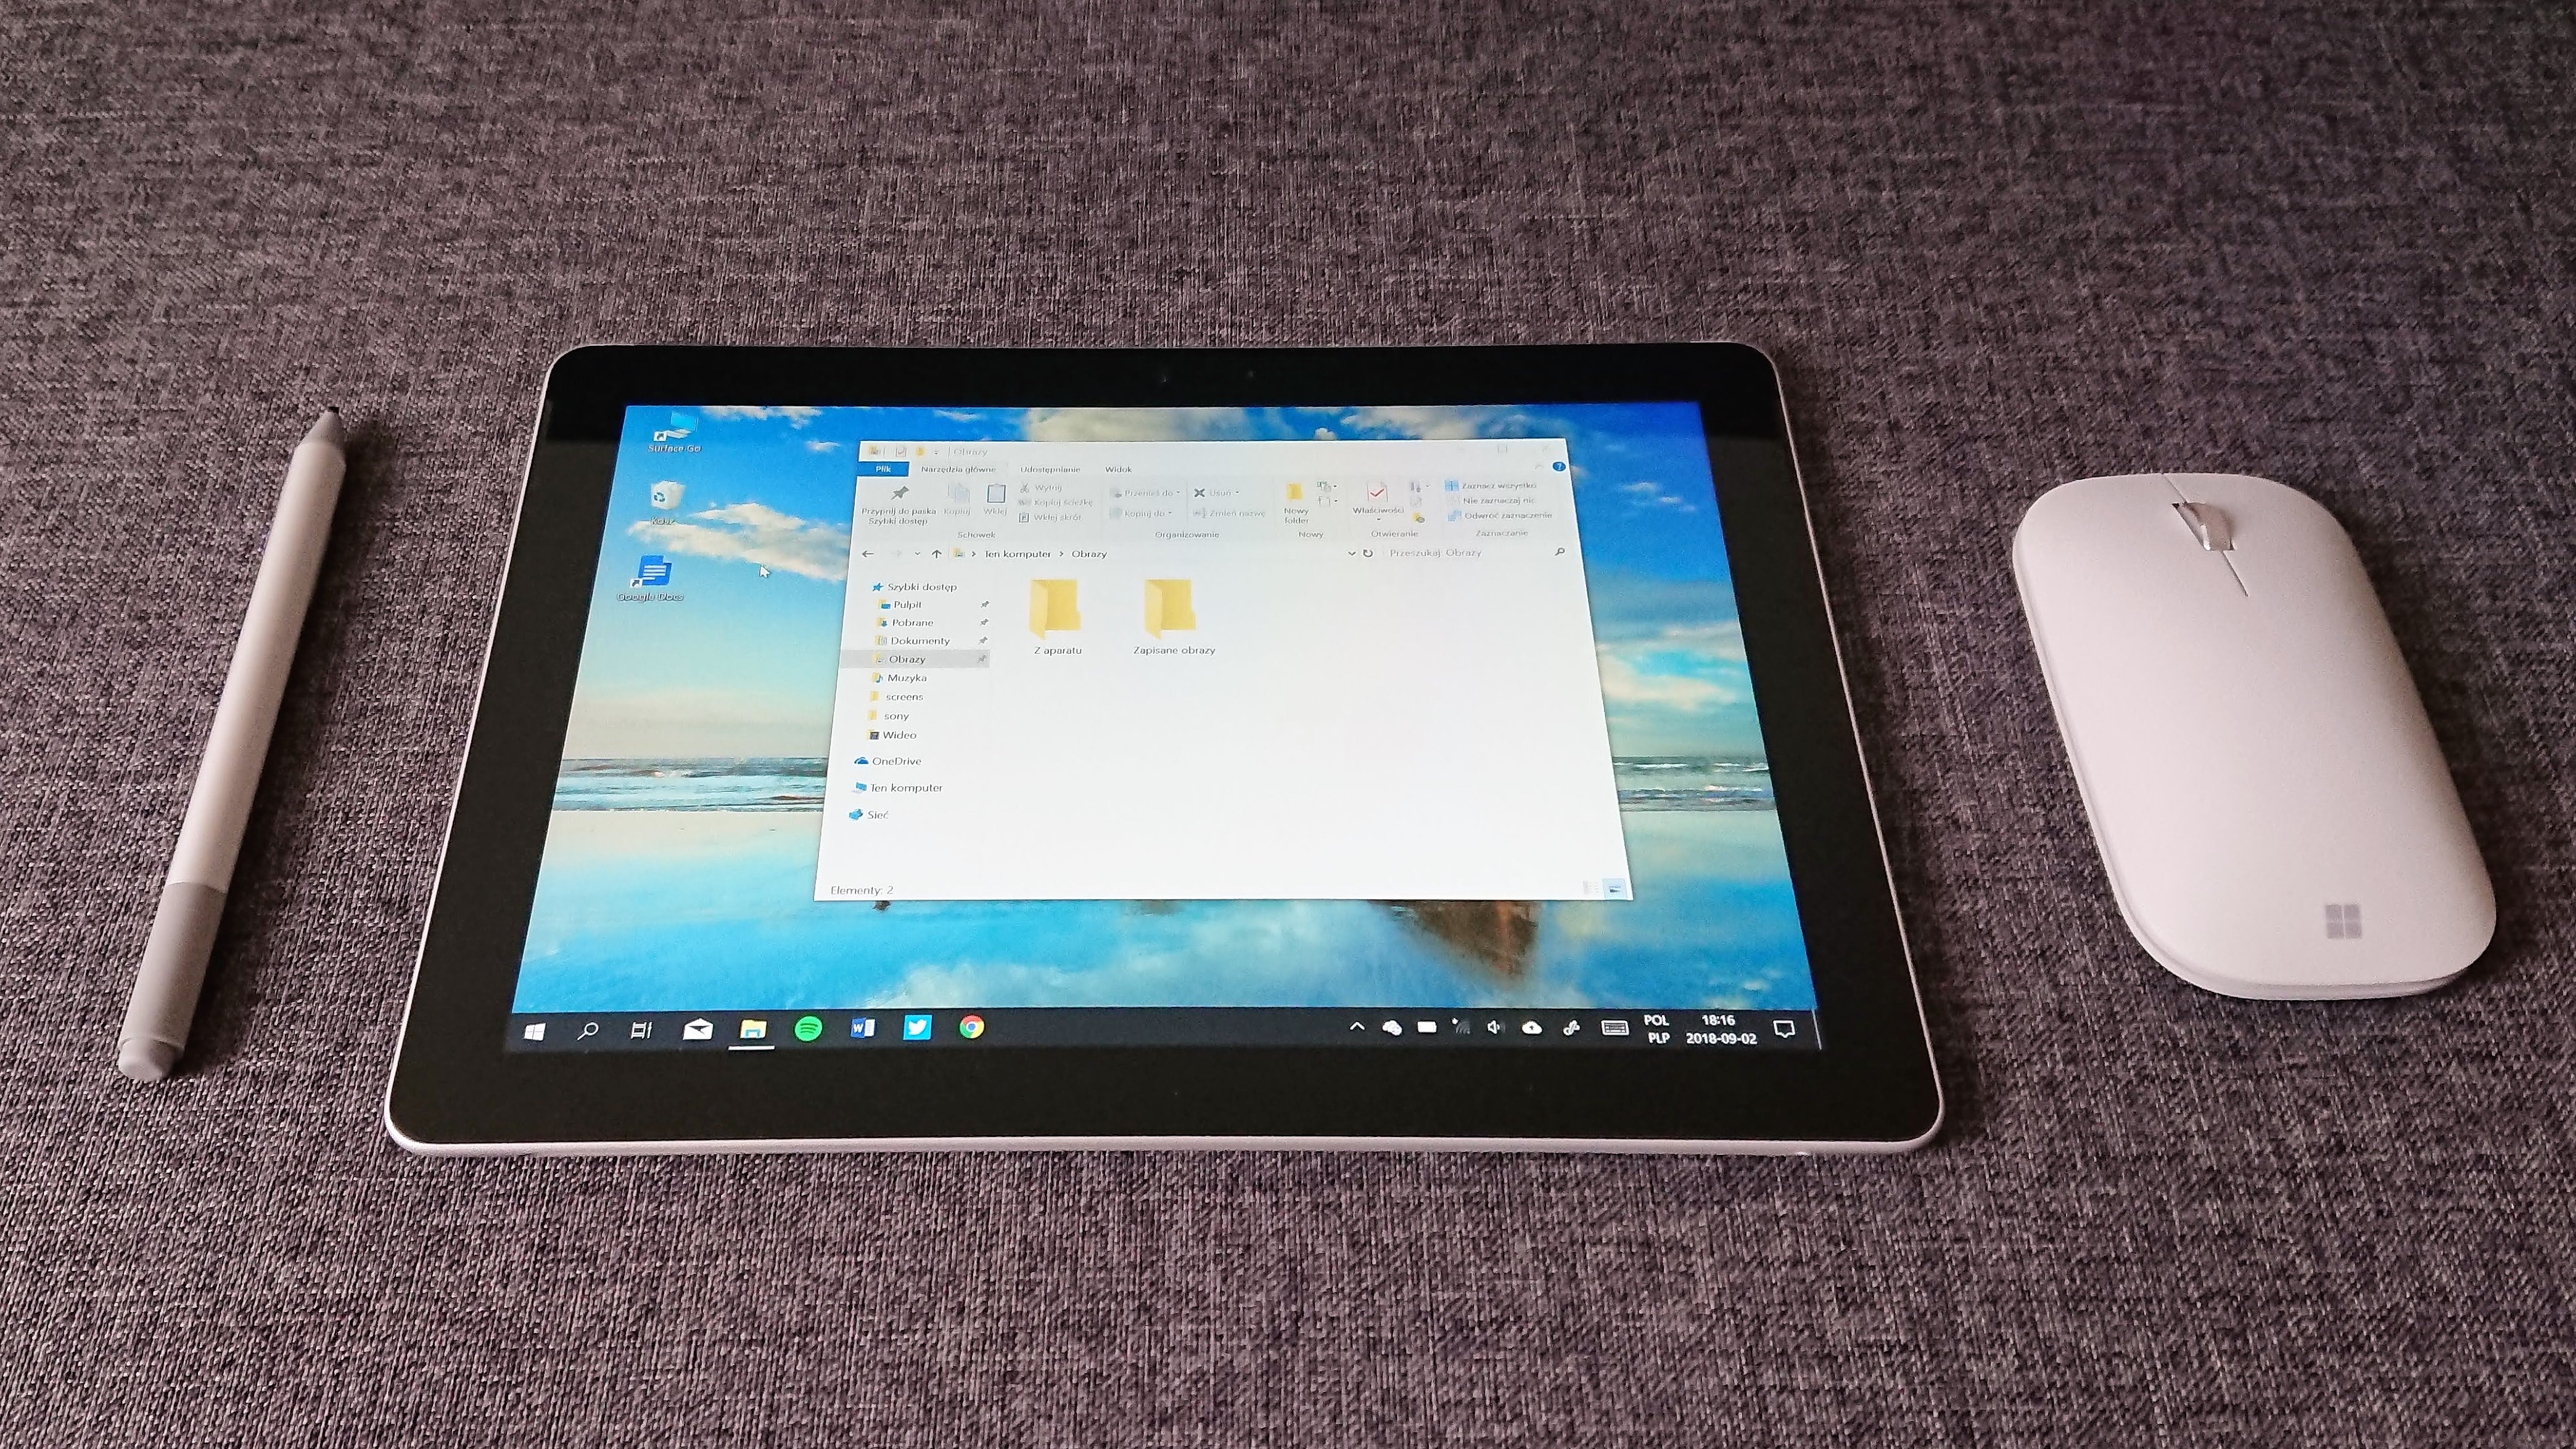 Wyczekuję: Microsoft podobno przygotowuje się do premiery Surface Book 3 i Surface Go 2